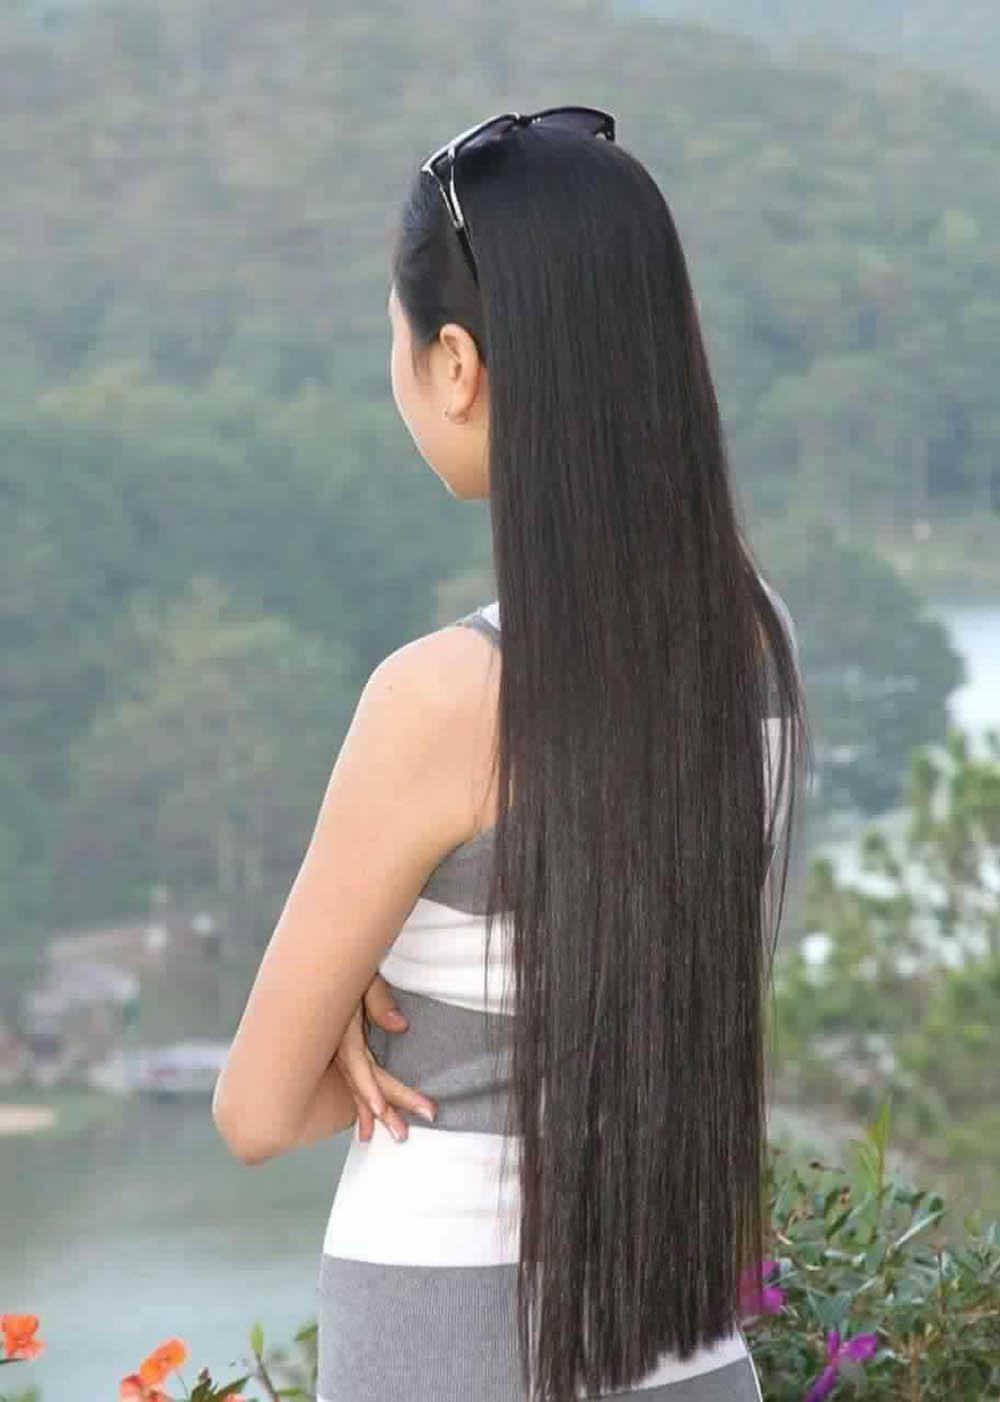 Cận cảnh nhan sắc 'Hà Hoa hậu' - người vừa kết hôn với đại gia sau hai tháng đi tu - Ảnh 6